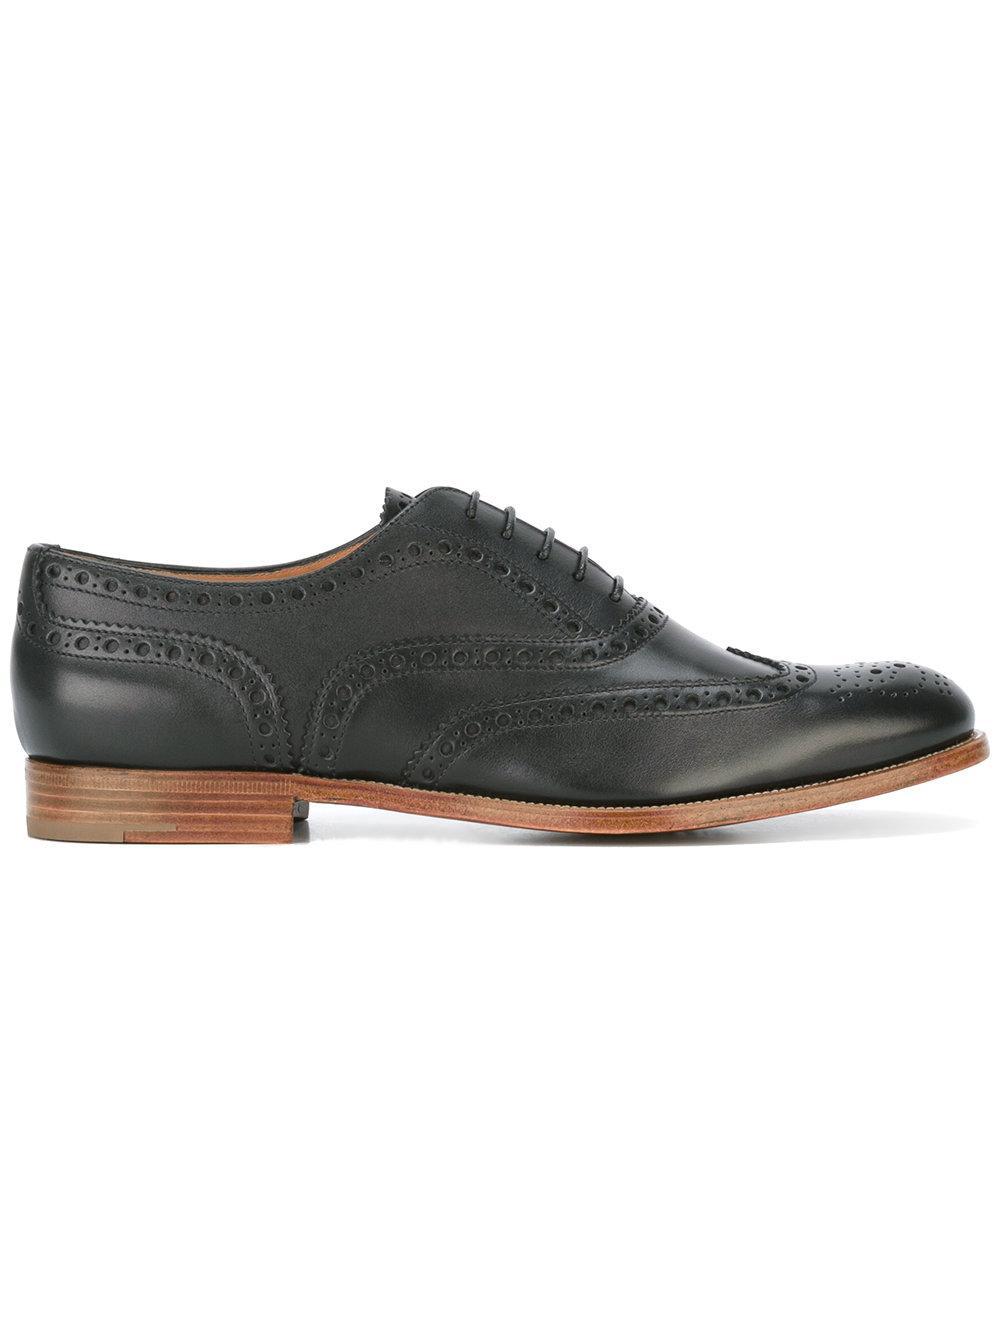 Men S Alden Leather Lace Up Dress Shoes